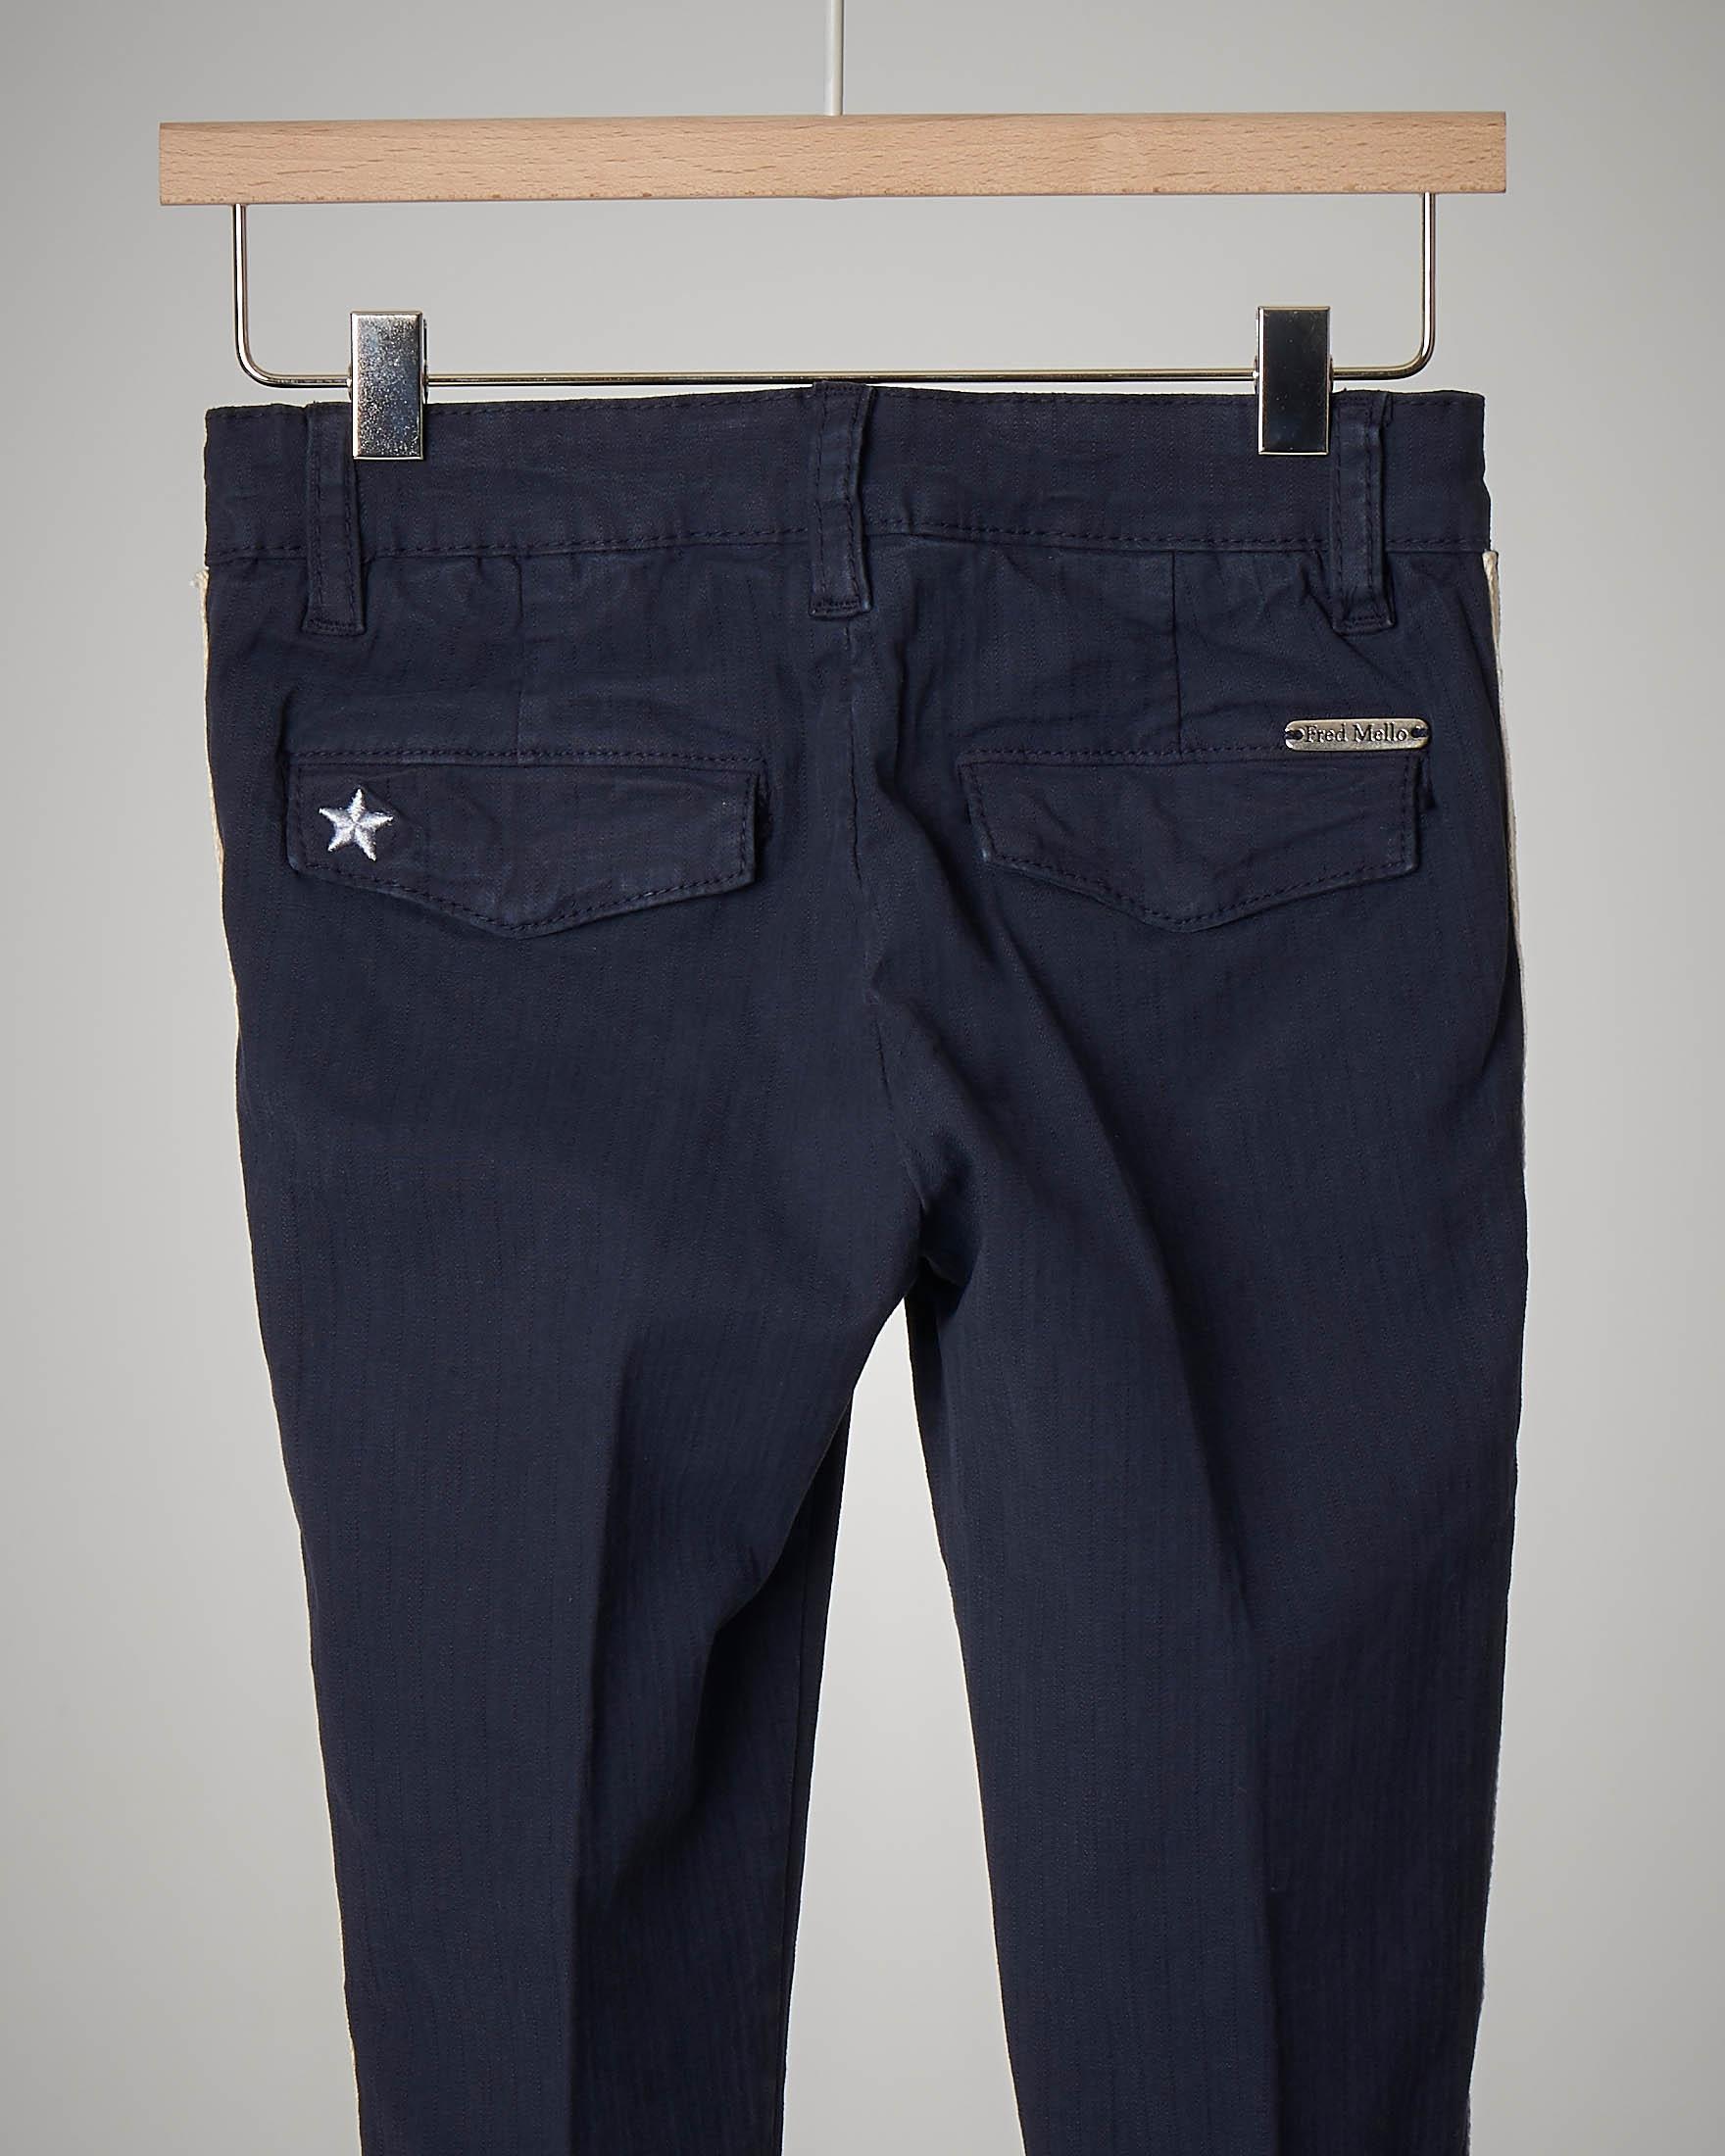 Pantalone blu con bande 2-7 anni